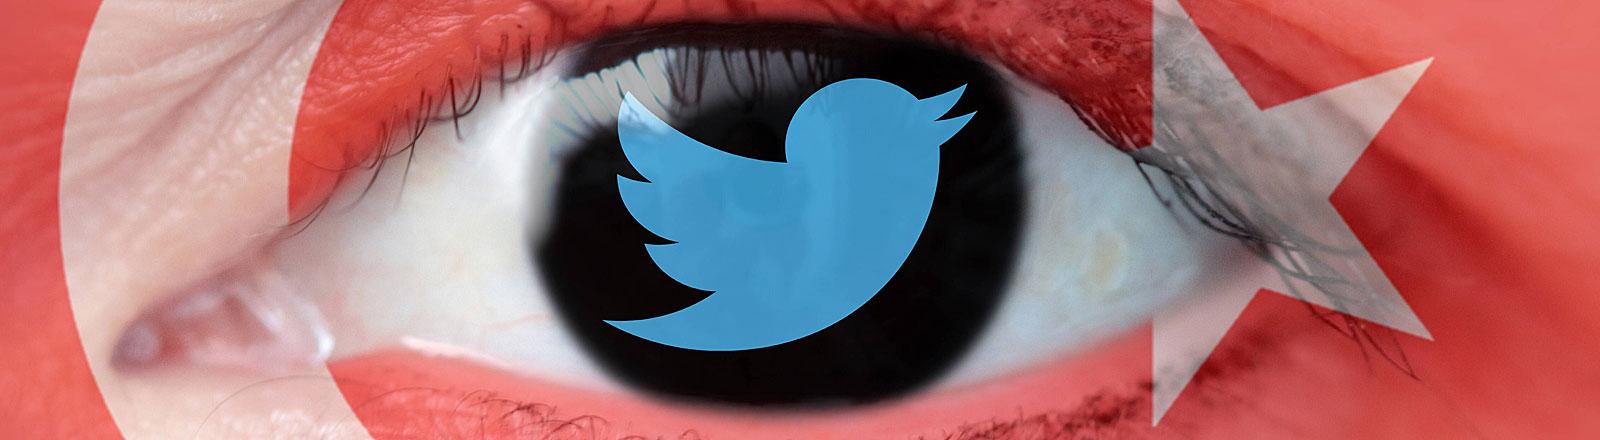 Symbolbild Internetzensur: Logo von Twitter in einem menschlichen Auge vor der Flagge der Türkei